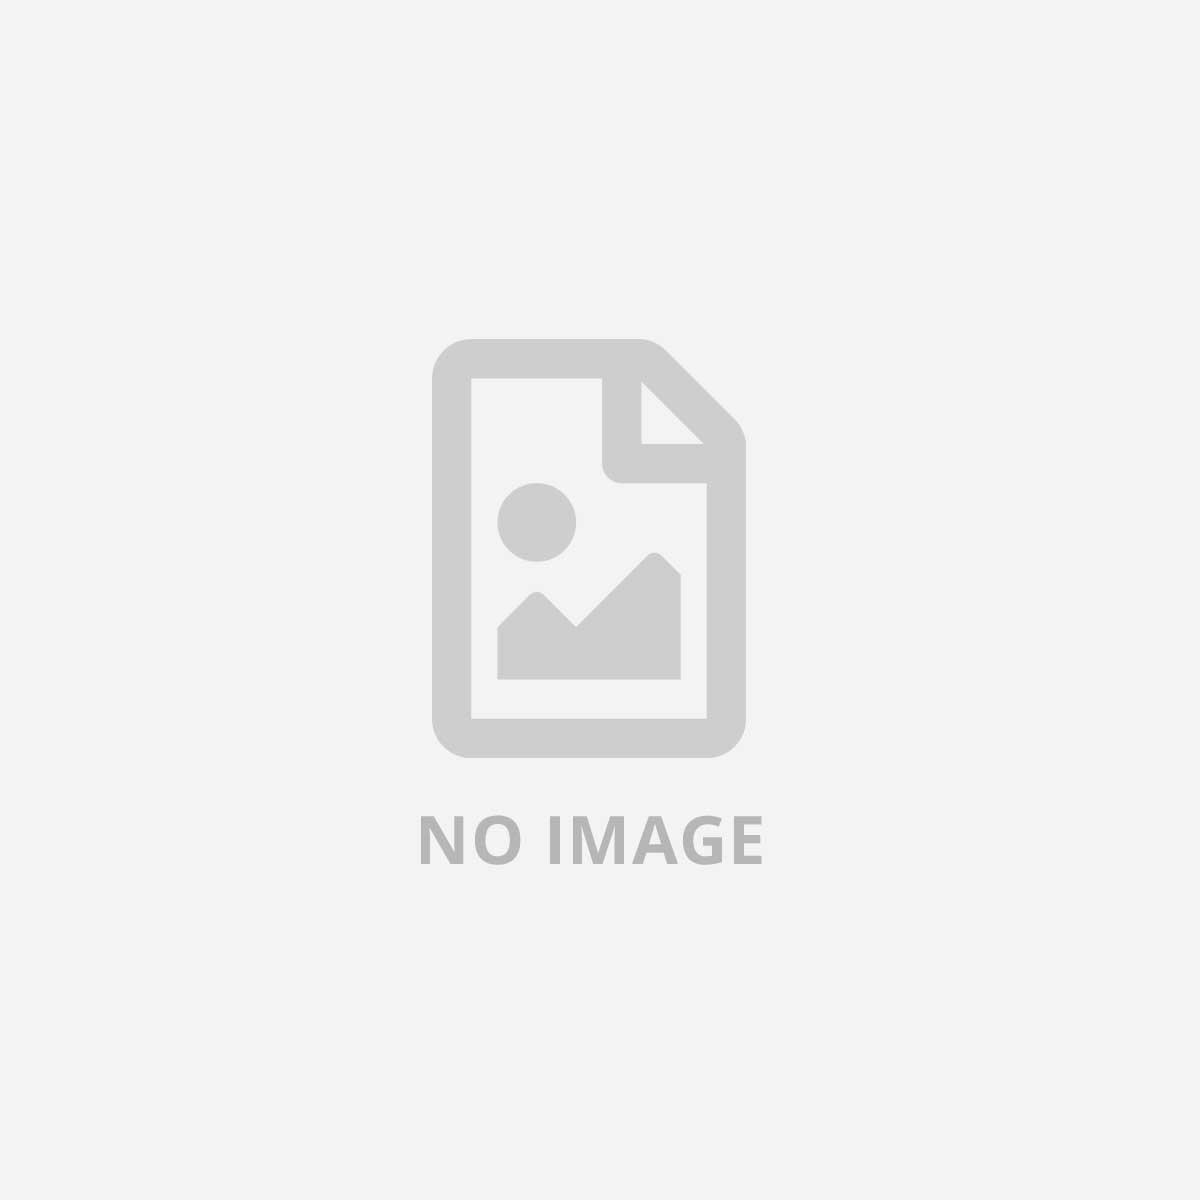 SMART TECH 24 HD DVBT2/C/S2 SMART TV LINUX